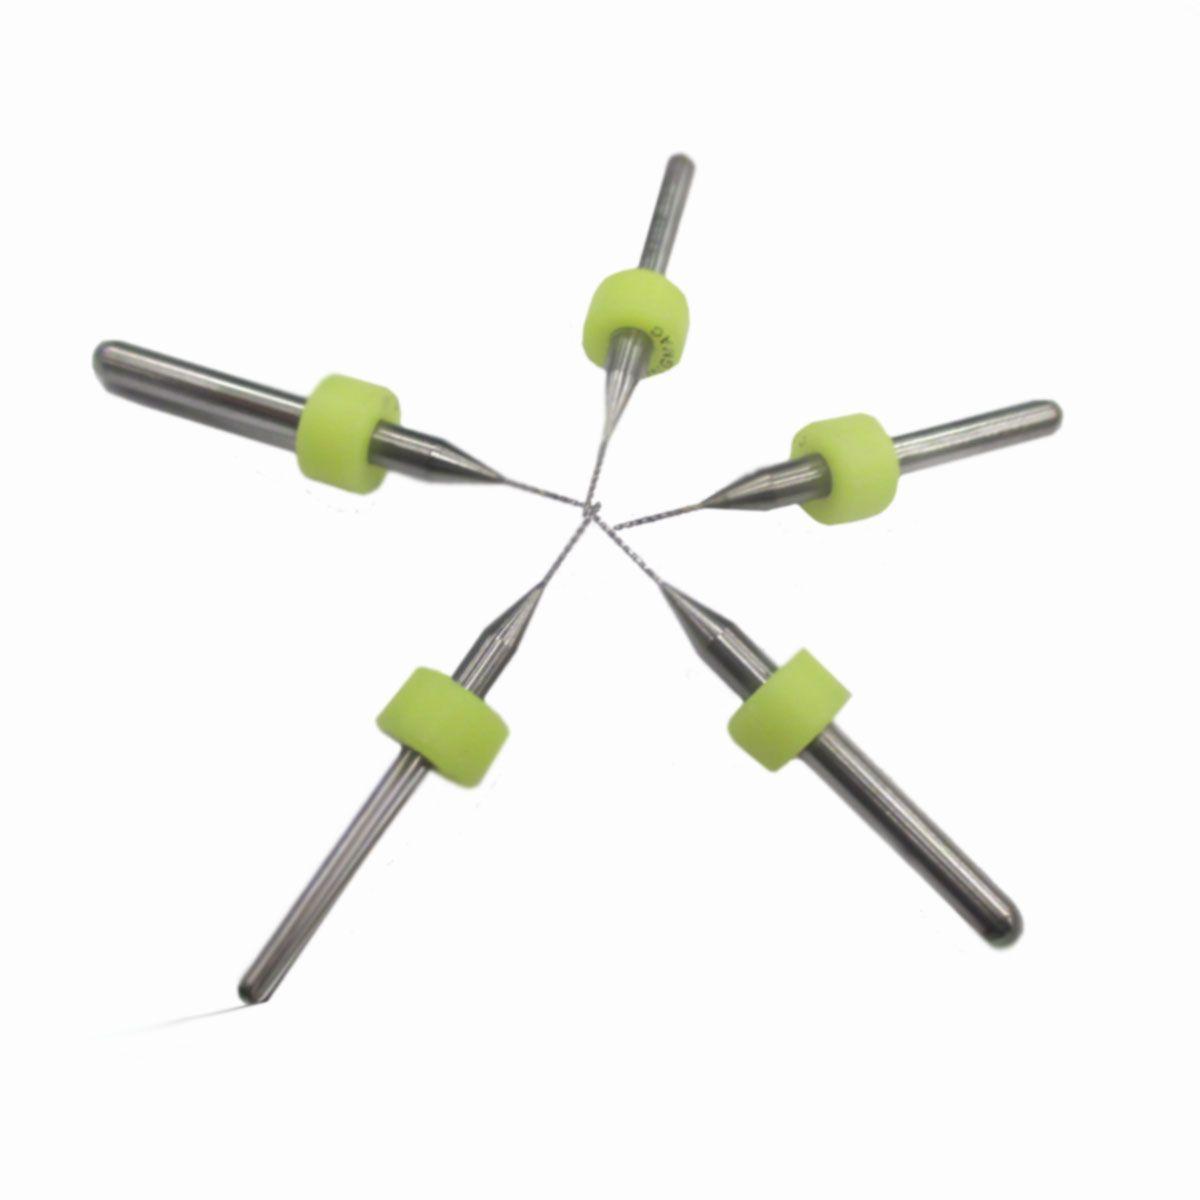 Сверло для чистки сопла (0.1; 0.2; 0.3; 0.4; 0.5; 1.0 мм)